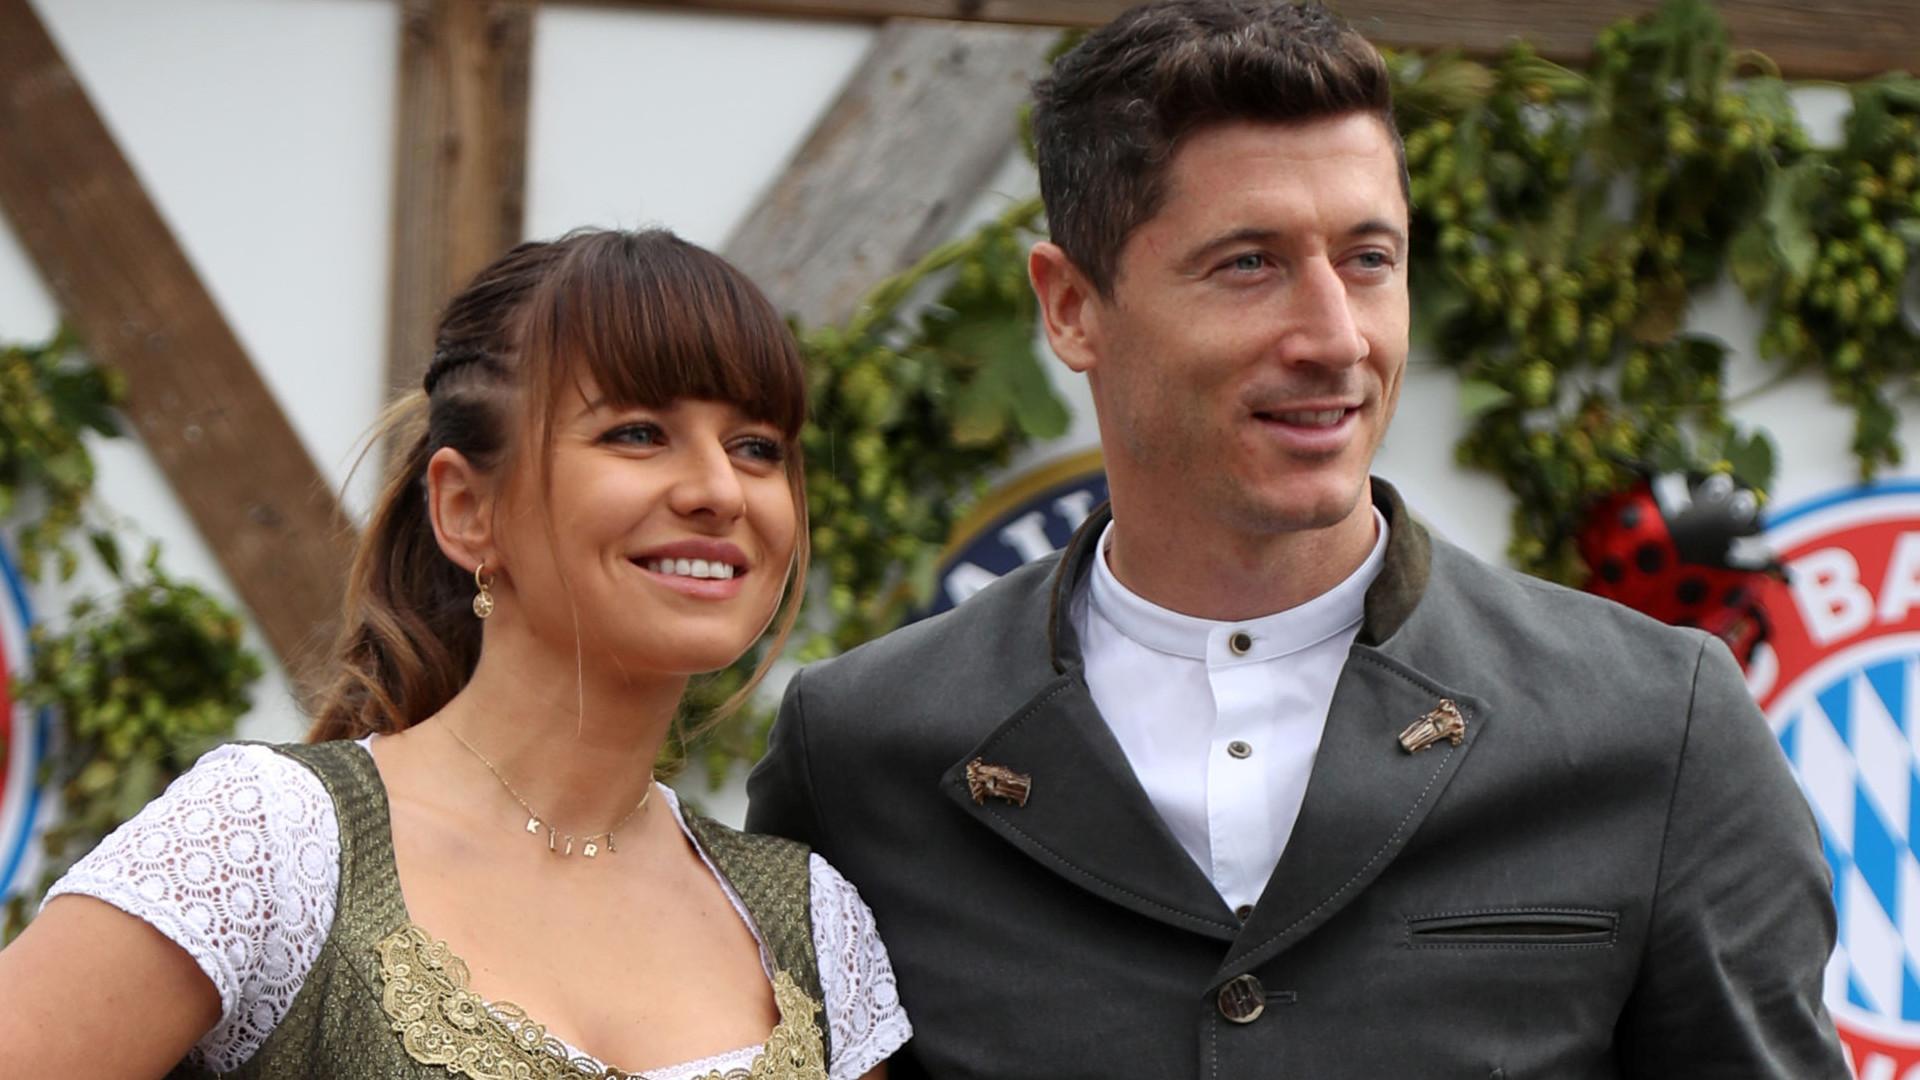 Anna i Robert Lewandowscy na Oktoberfest – tym razem uwagę przyciągnął strój piłkarza! (ZDJĘCIA)